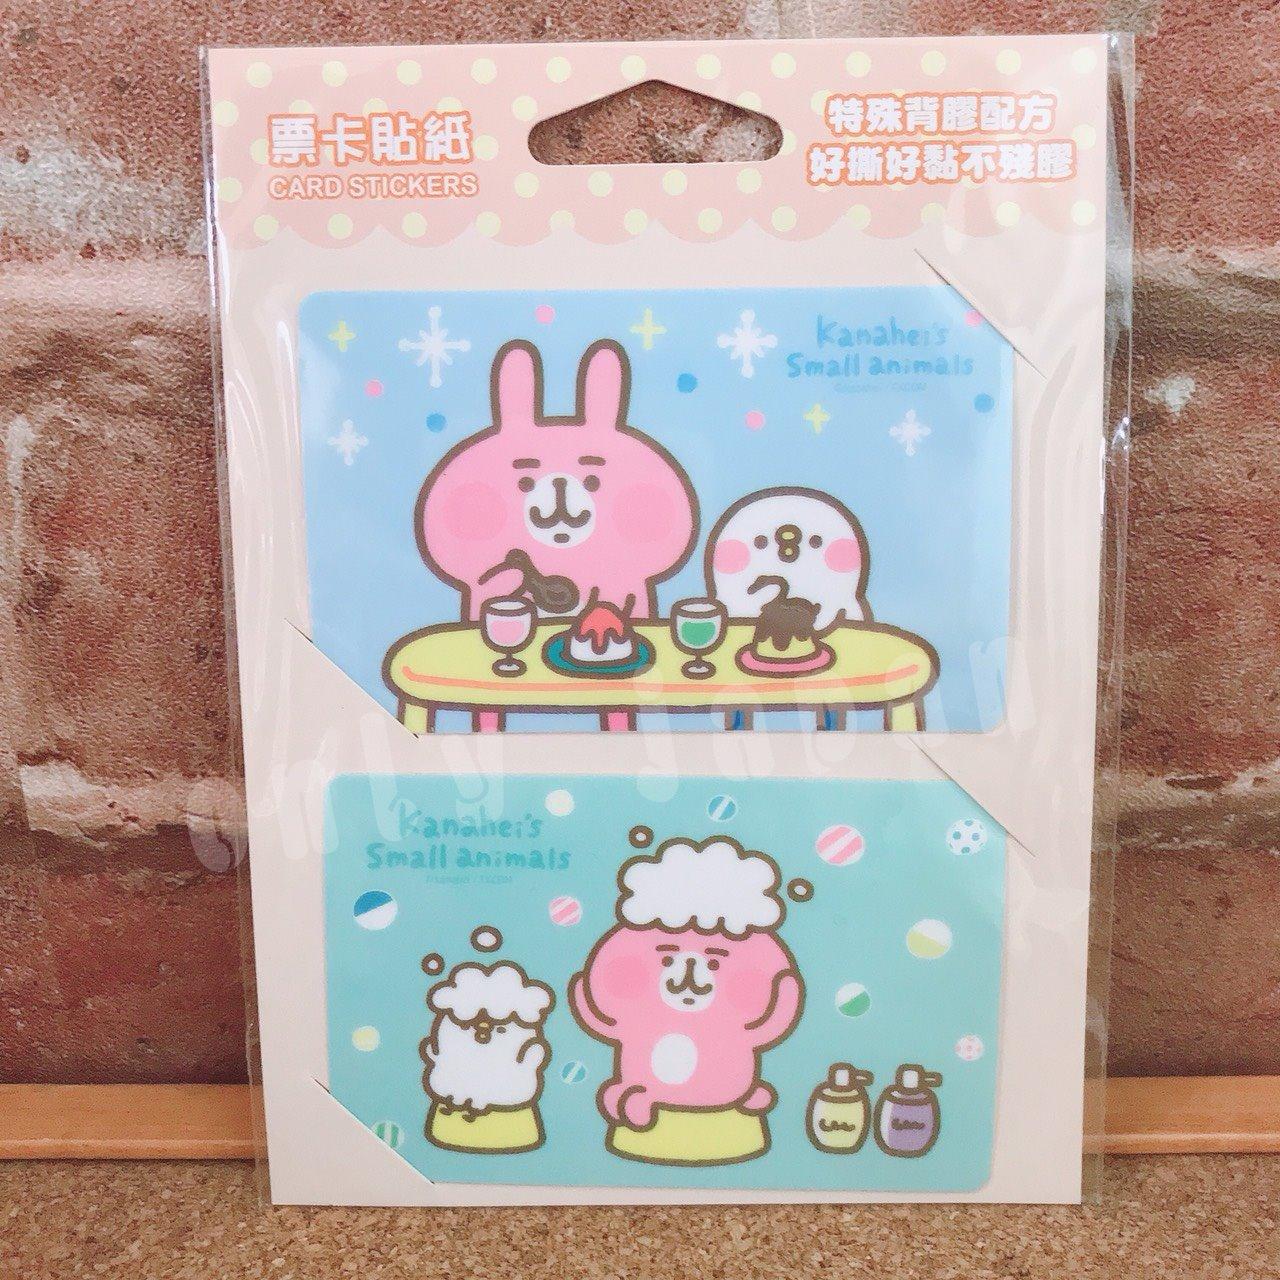 【真愛日本】18040300027 卡娜赫拉票卡貼-吃冰洗澡 卡娜赫拉的小動物 兔兔 P助 票卡貼紙 悠遊卡貼紙